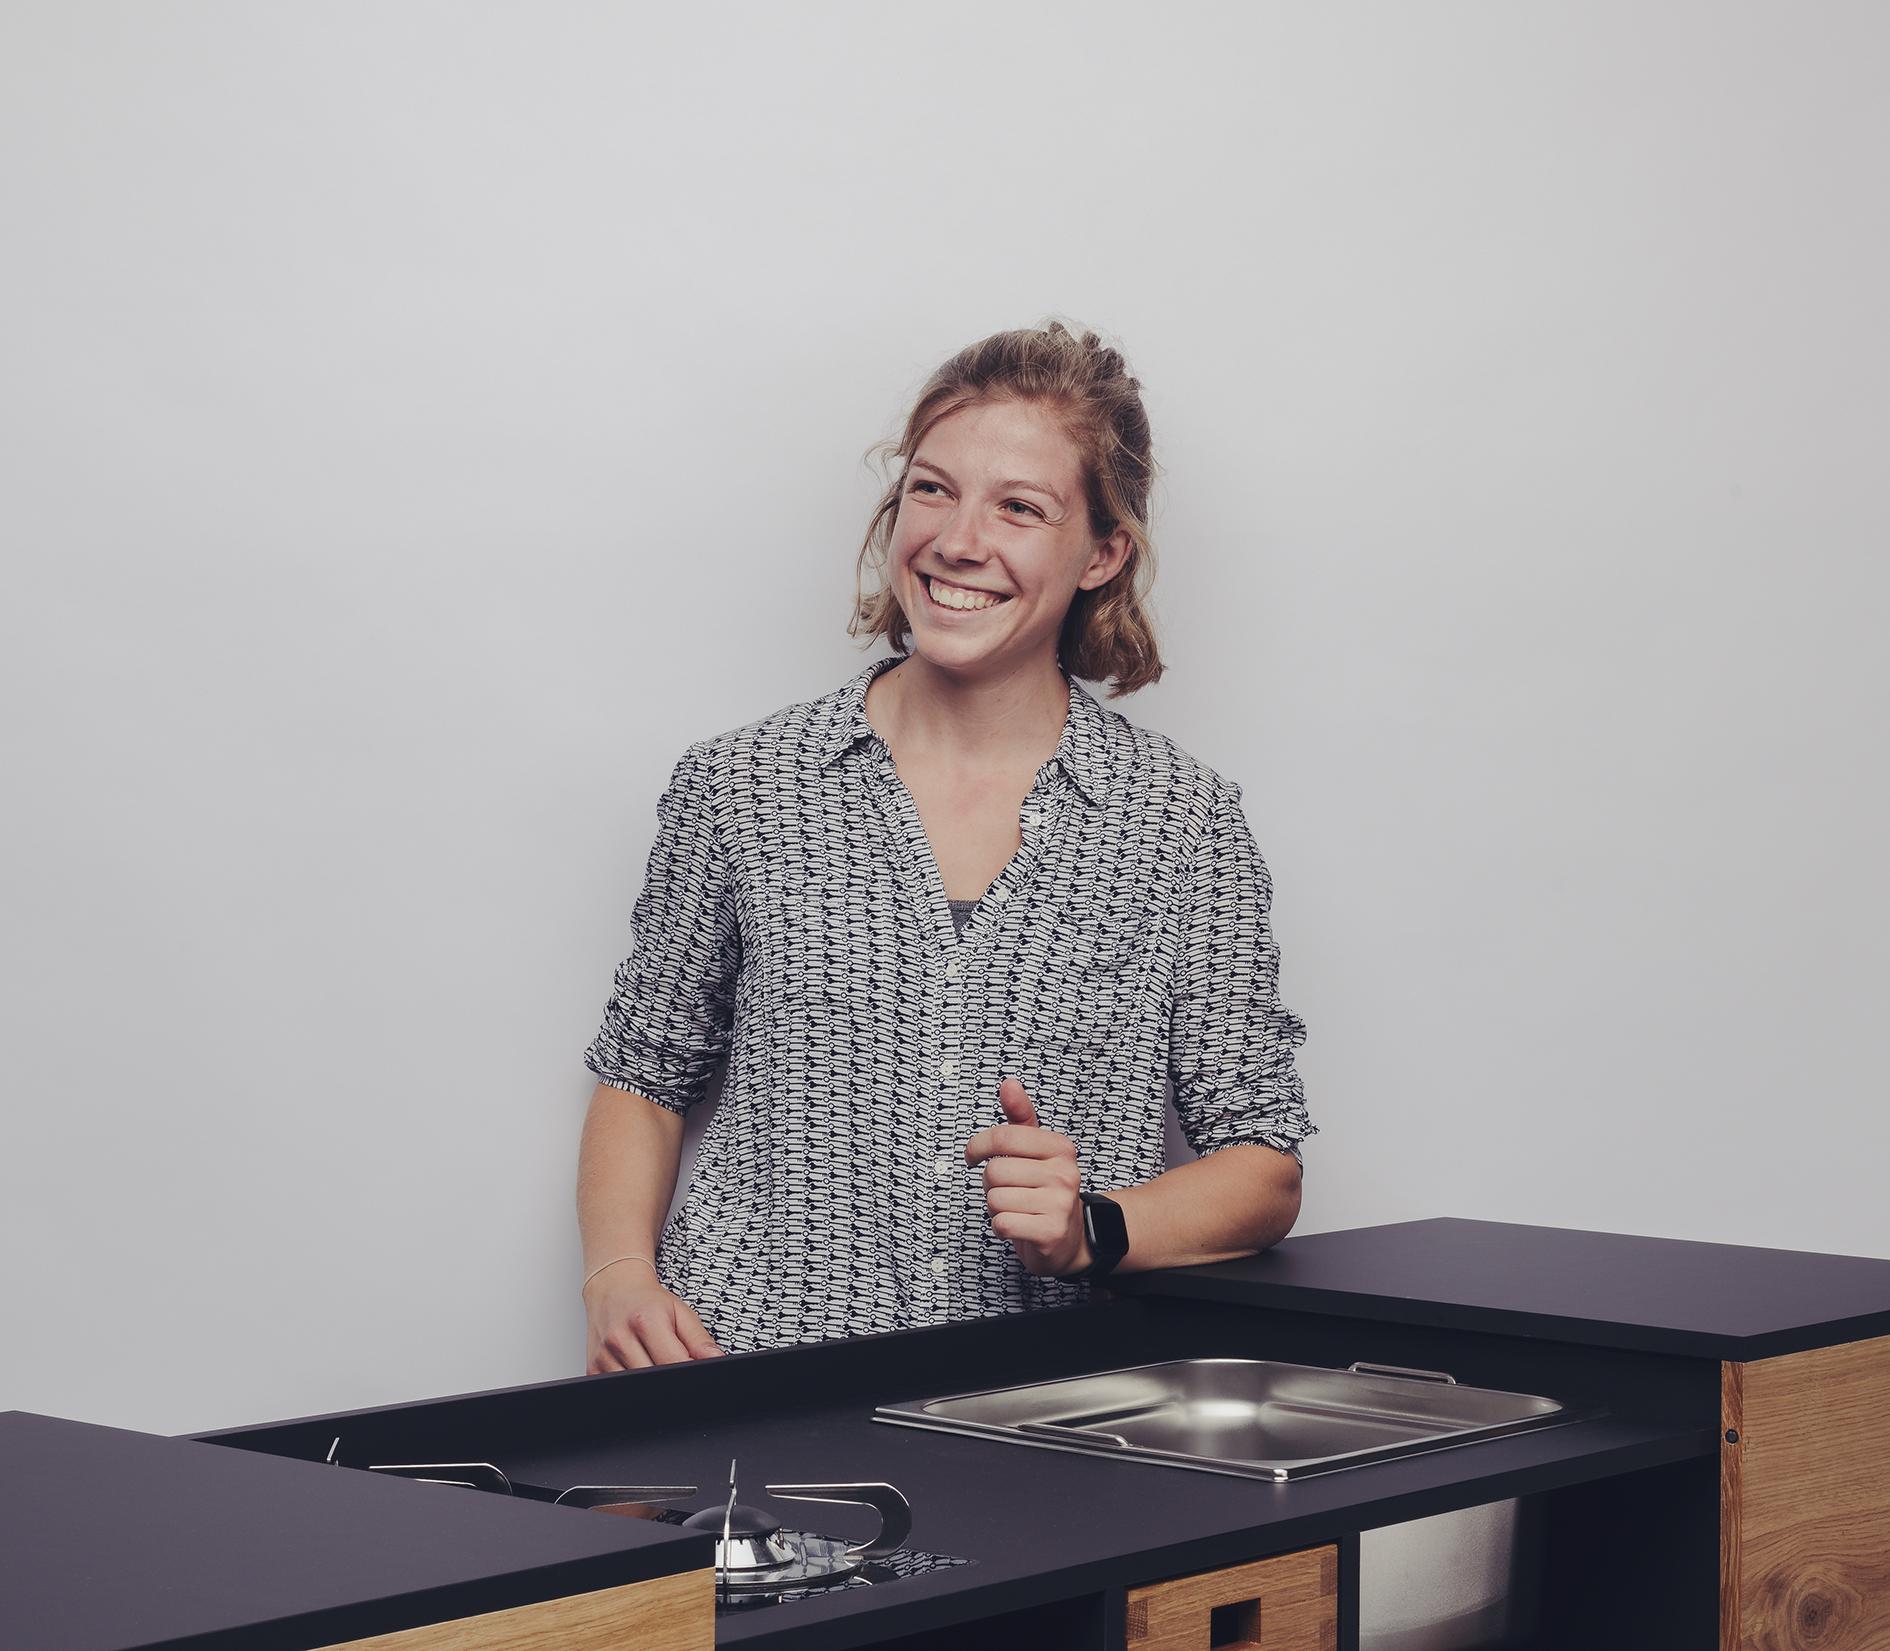 Megan Lumer